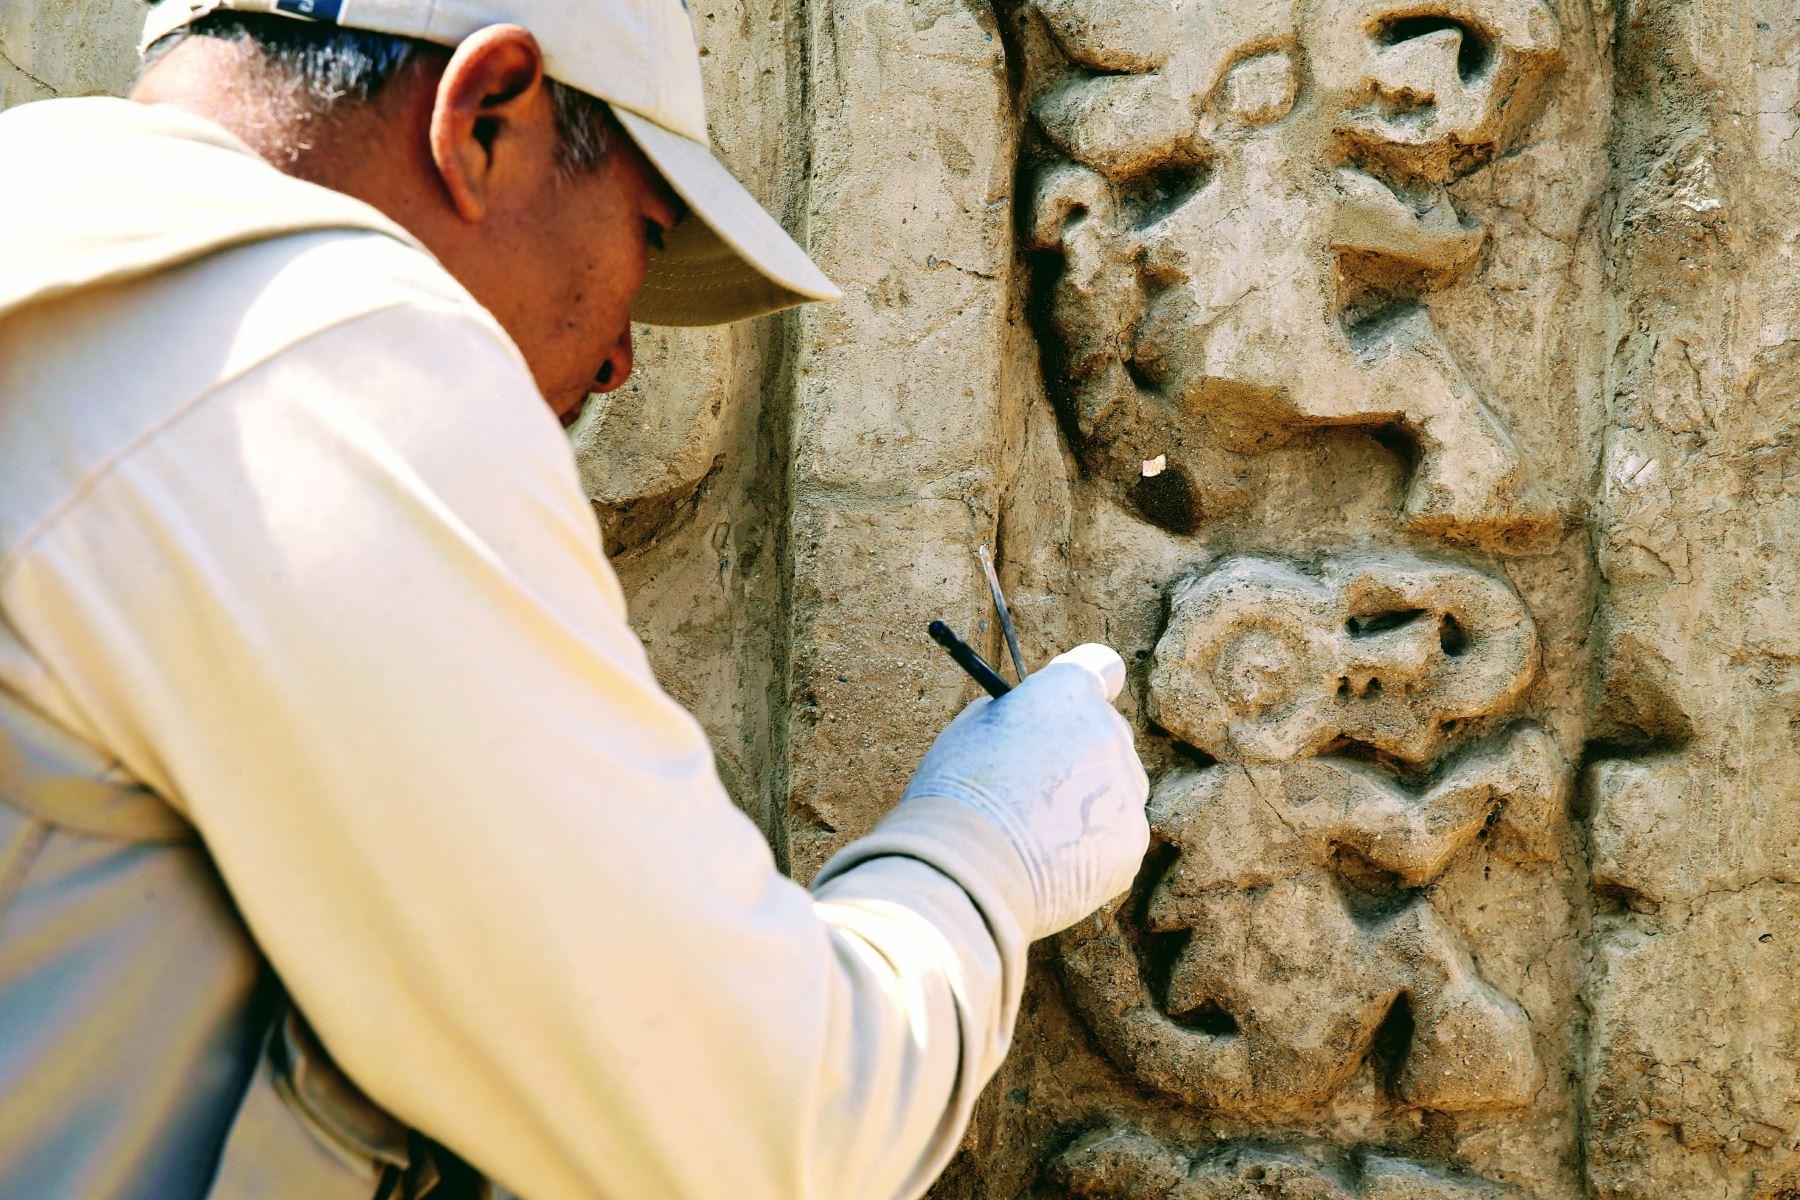 Resaltan el hallazgo de murales en altorrelieve en Chan Chan. ANDINA/Luis Iparraguirre